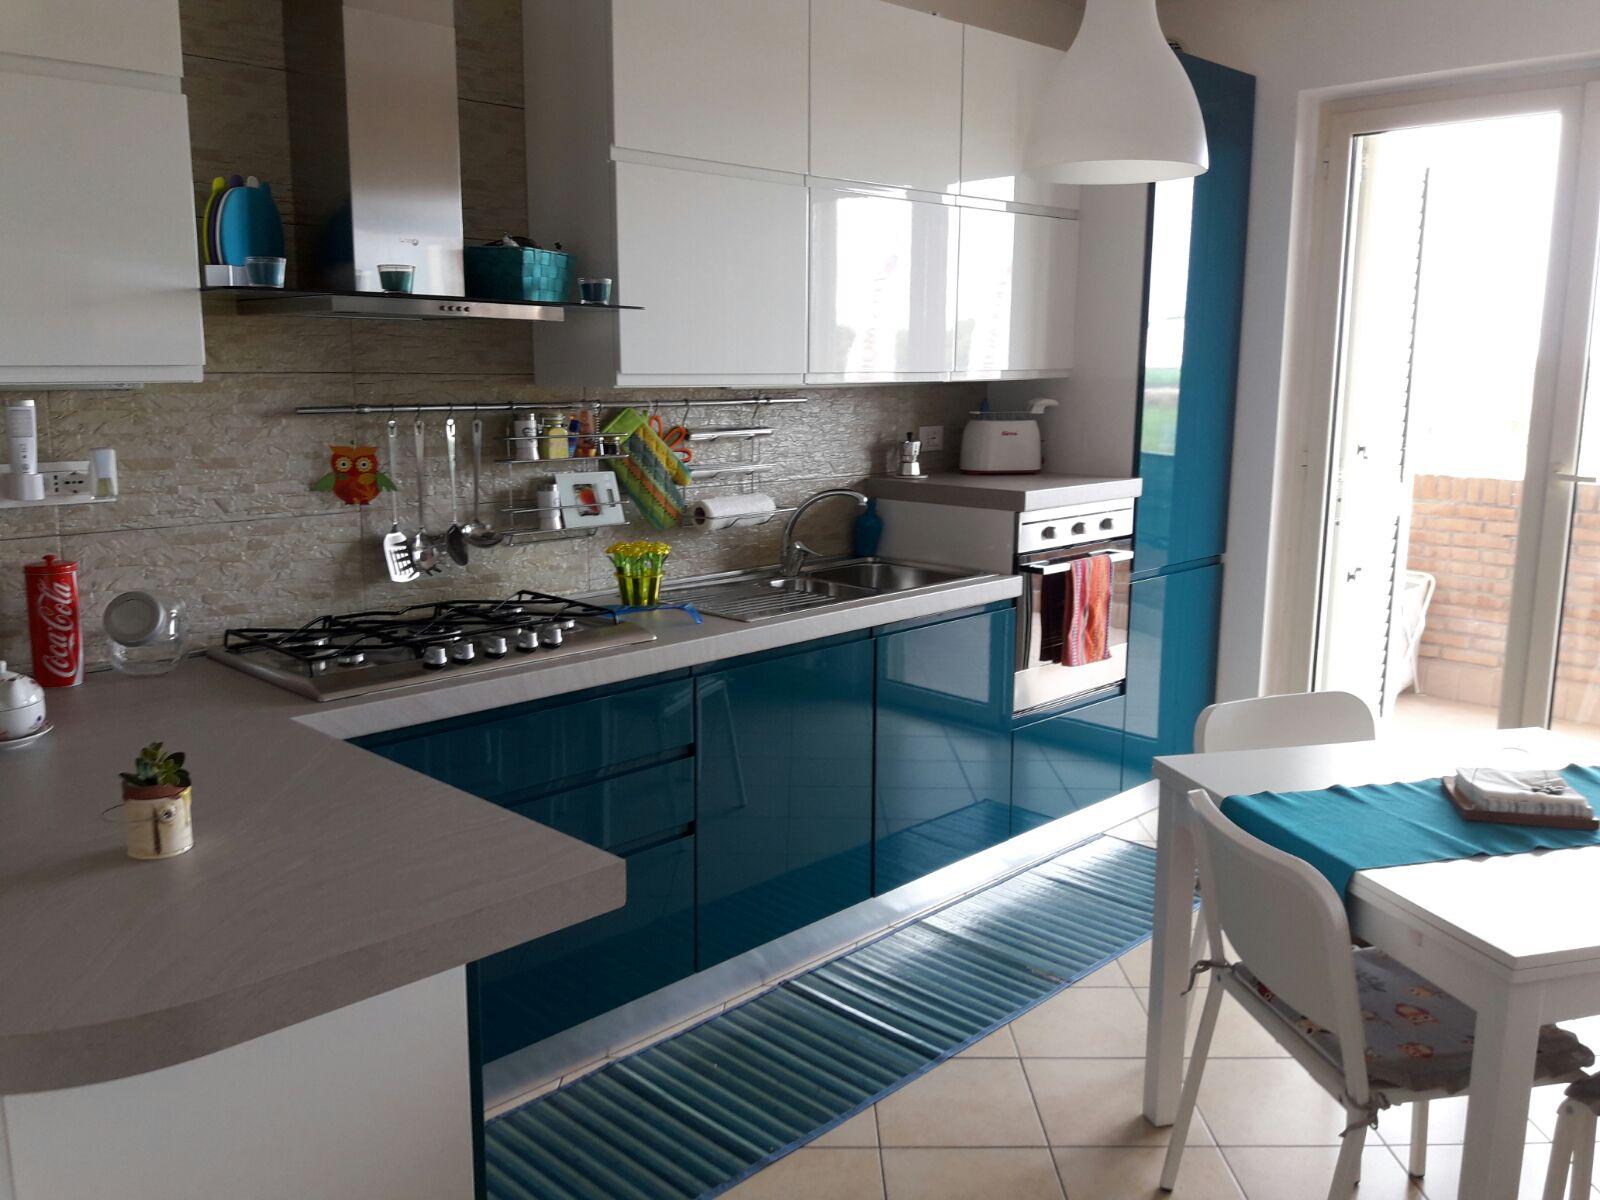 Appartamento in vendita a Tortoreto, 3 locali, zona Località: TortoretoLido, prezzo € 69.500 | Cambio Casa.it